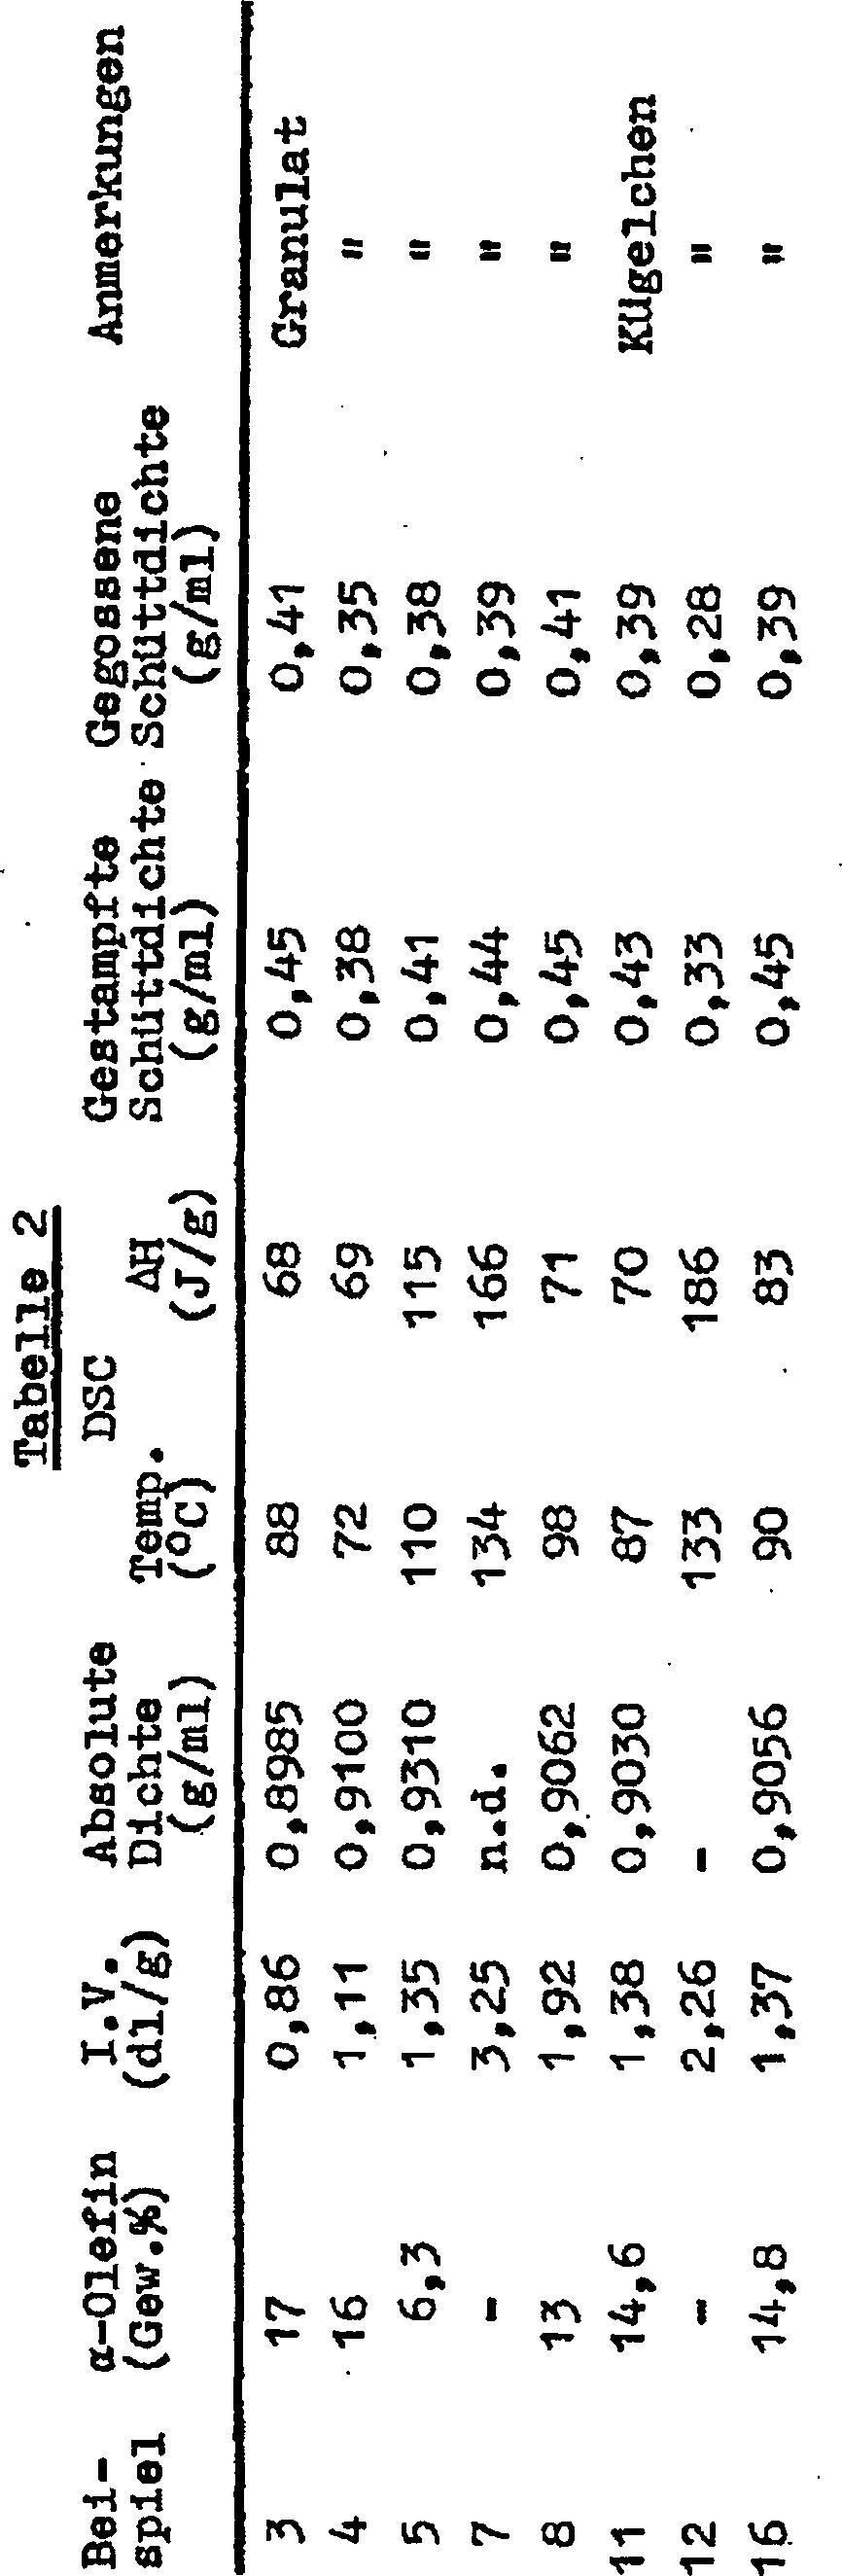 kanalrohr betting typ-17